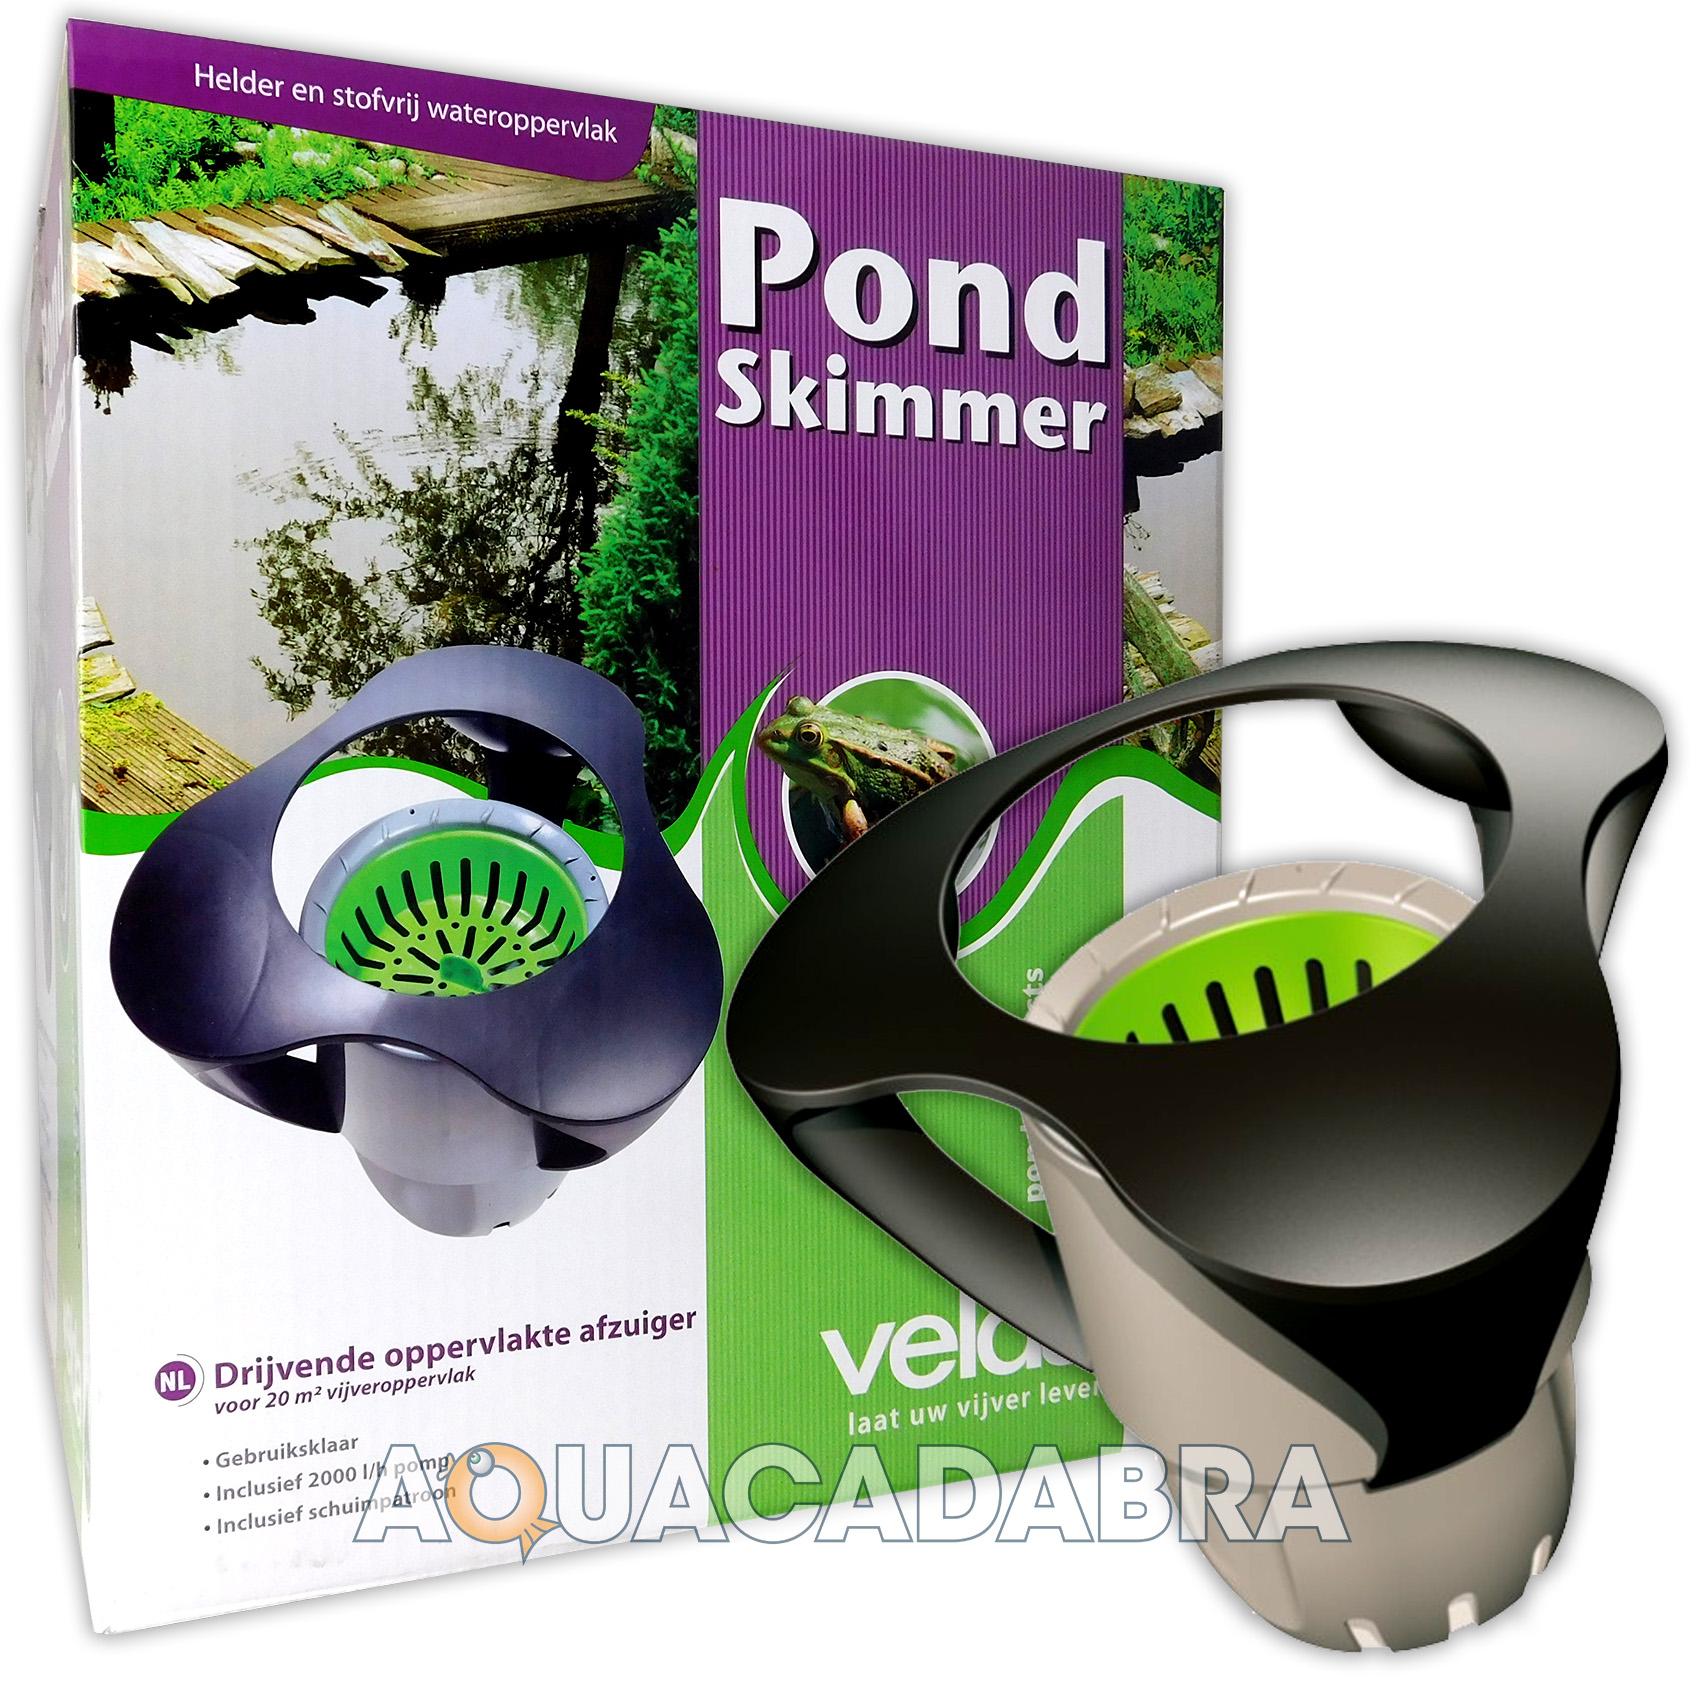 Velda pond surface skimmer built in pump floating clean for Pond skimmer